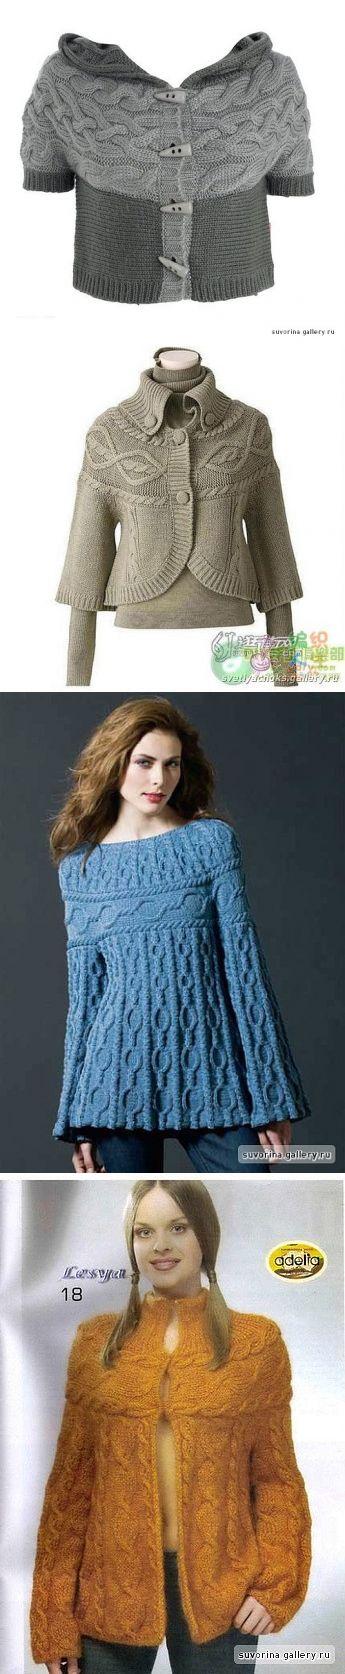 Пуловеры в стиле Шамони